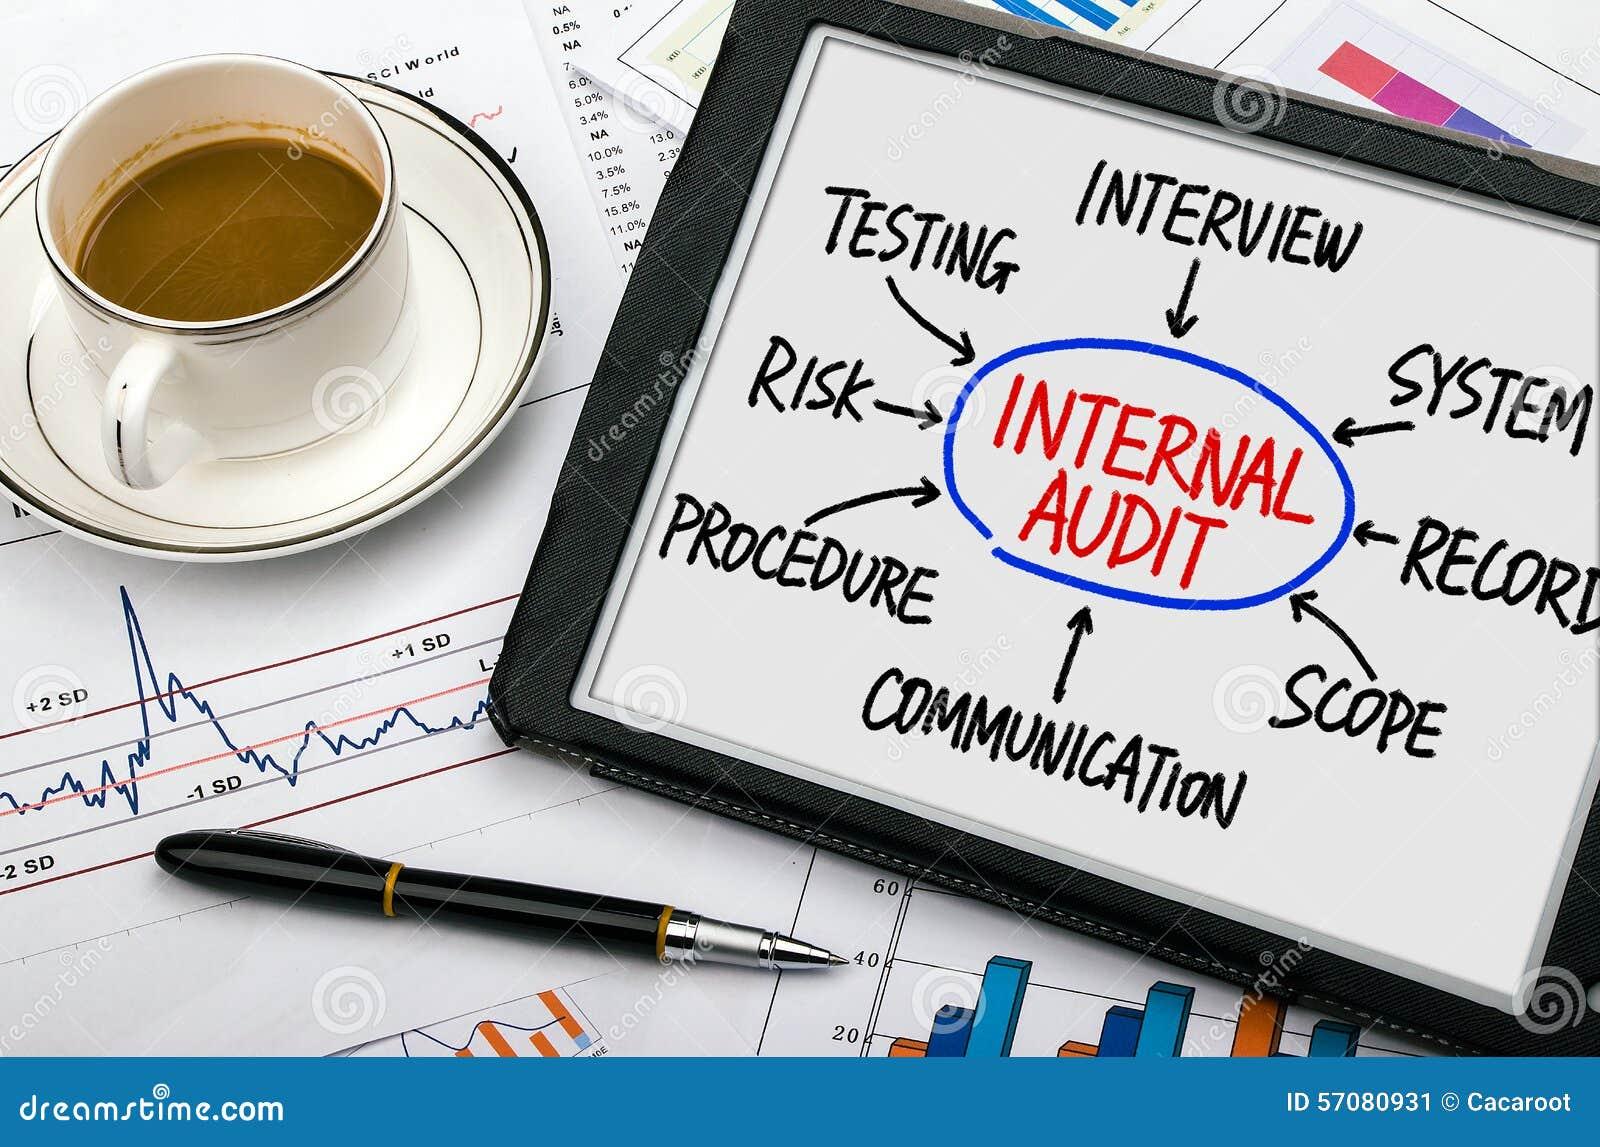 Résultats de recherche d'images pour «audit interne»